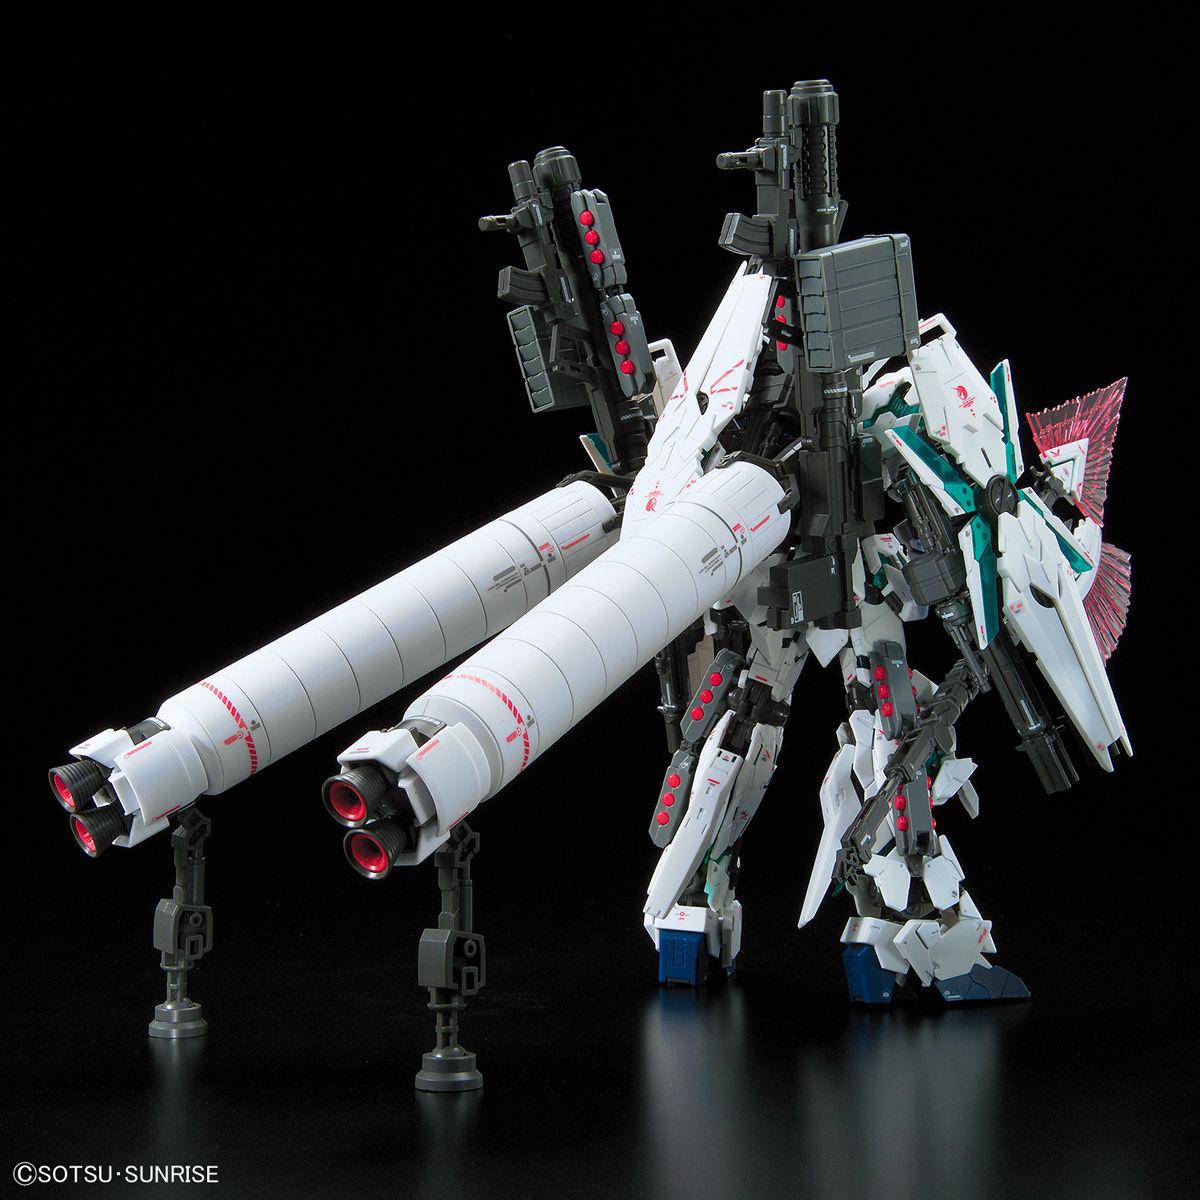 rg_full_armor_unicorn-gundam+%25284%2529